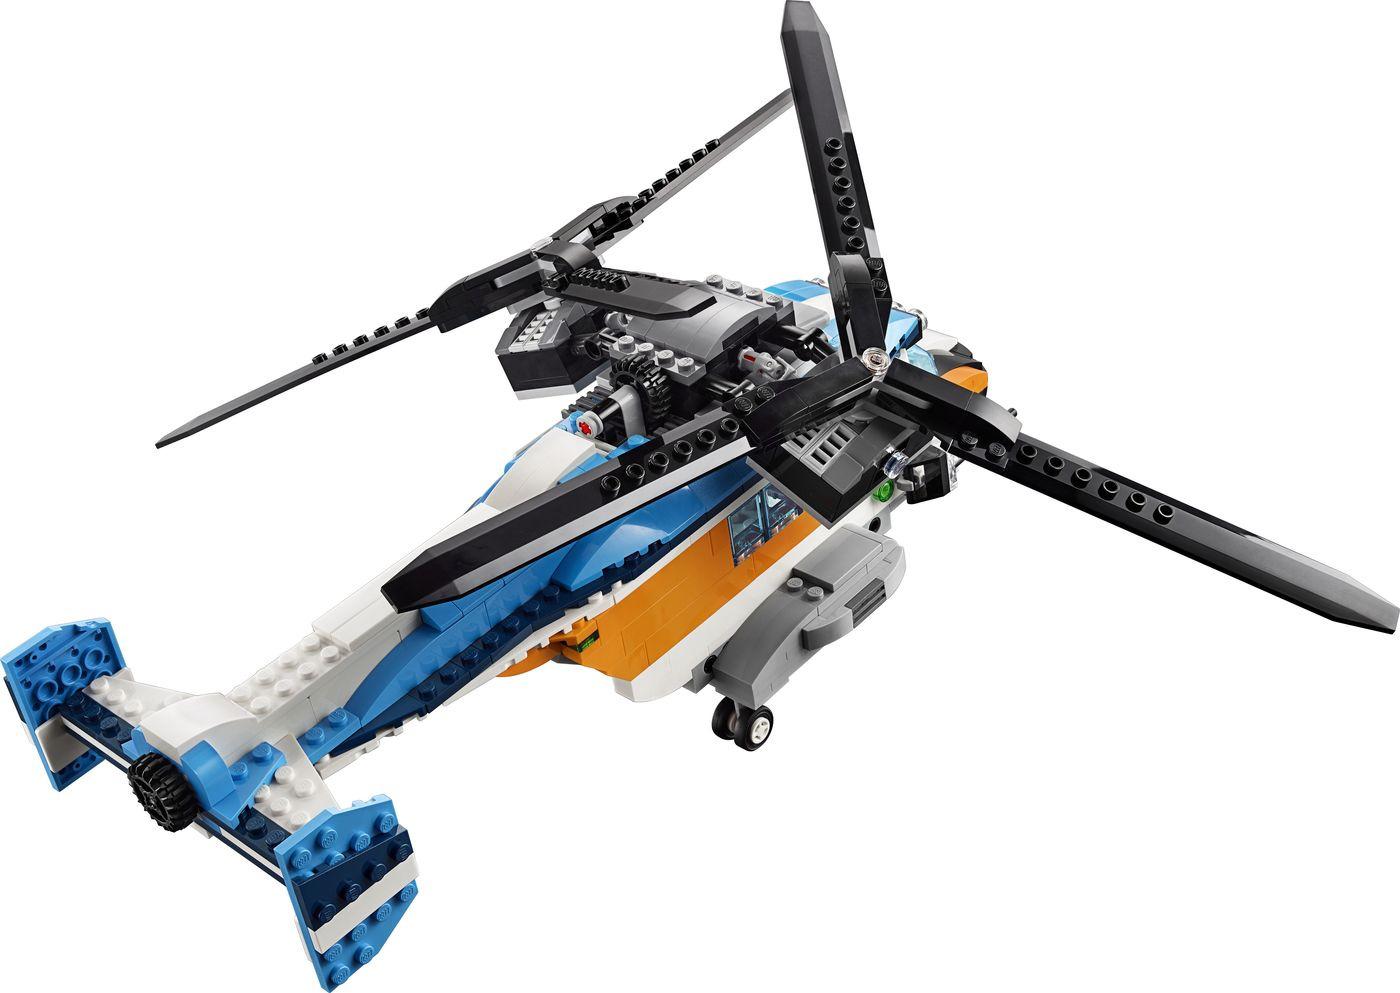 зимы, вертолет конструктор картинки принцип